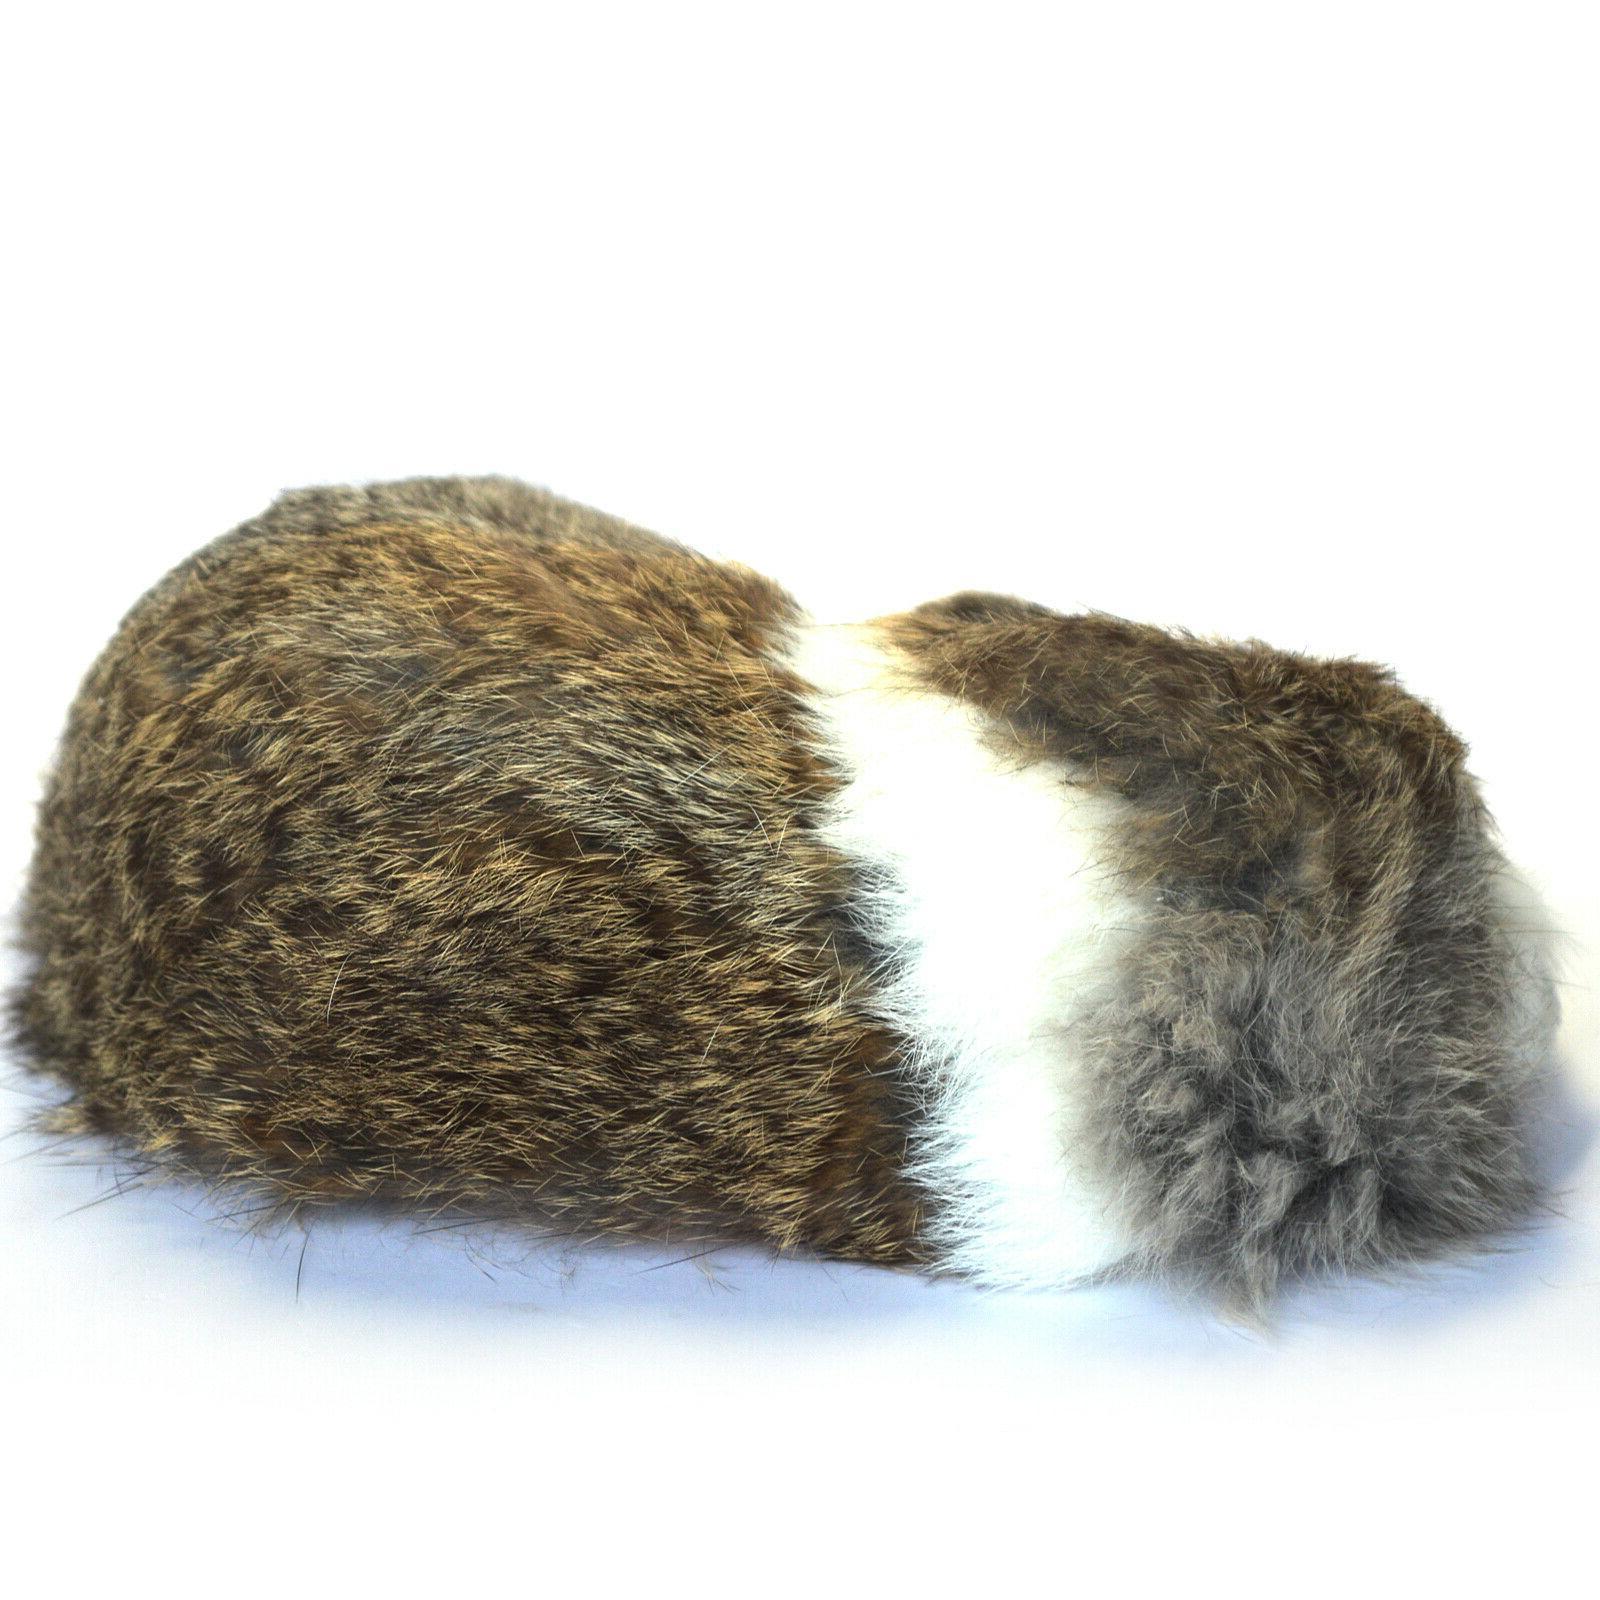 Realistic Lifelike Plush Animal Sleeping Synthetic